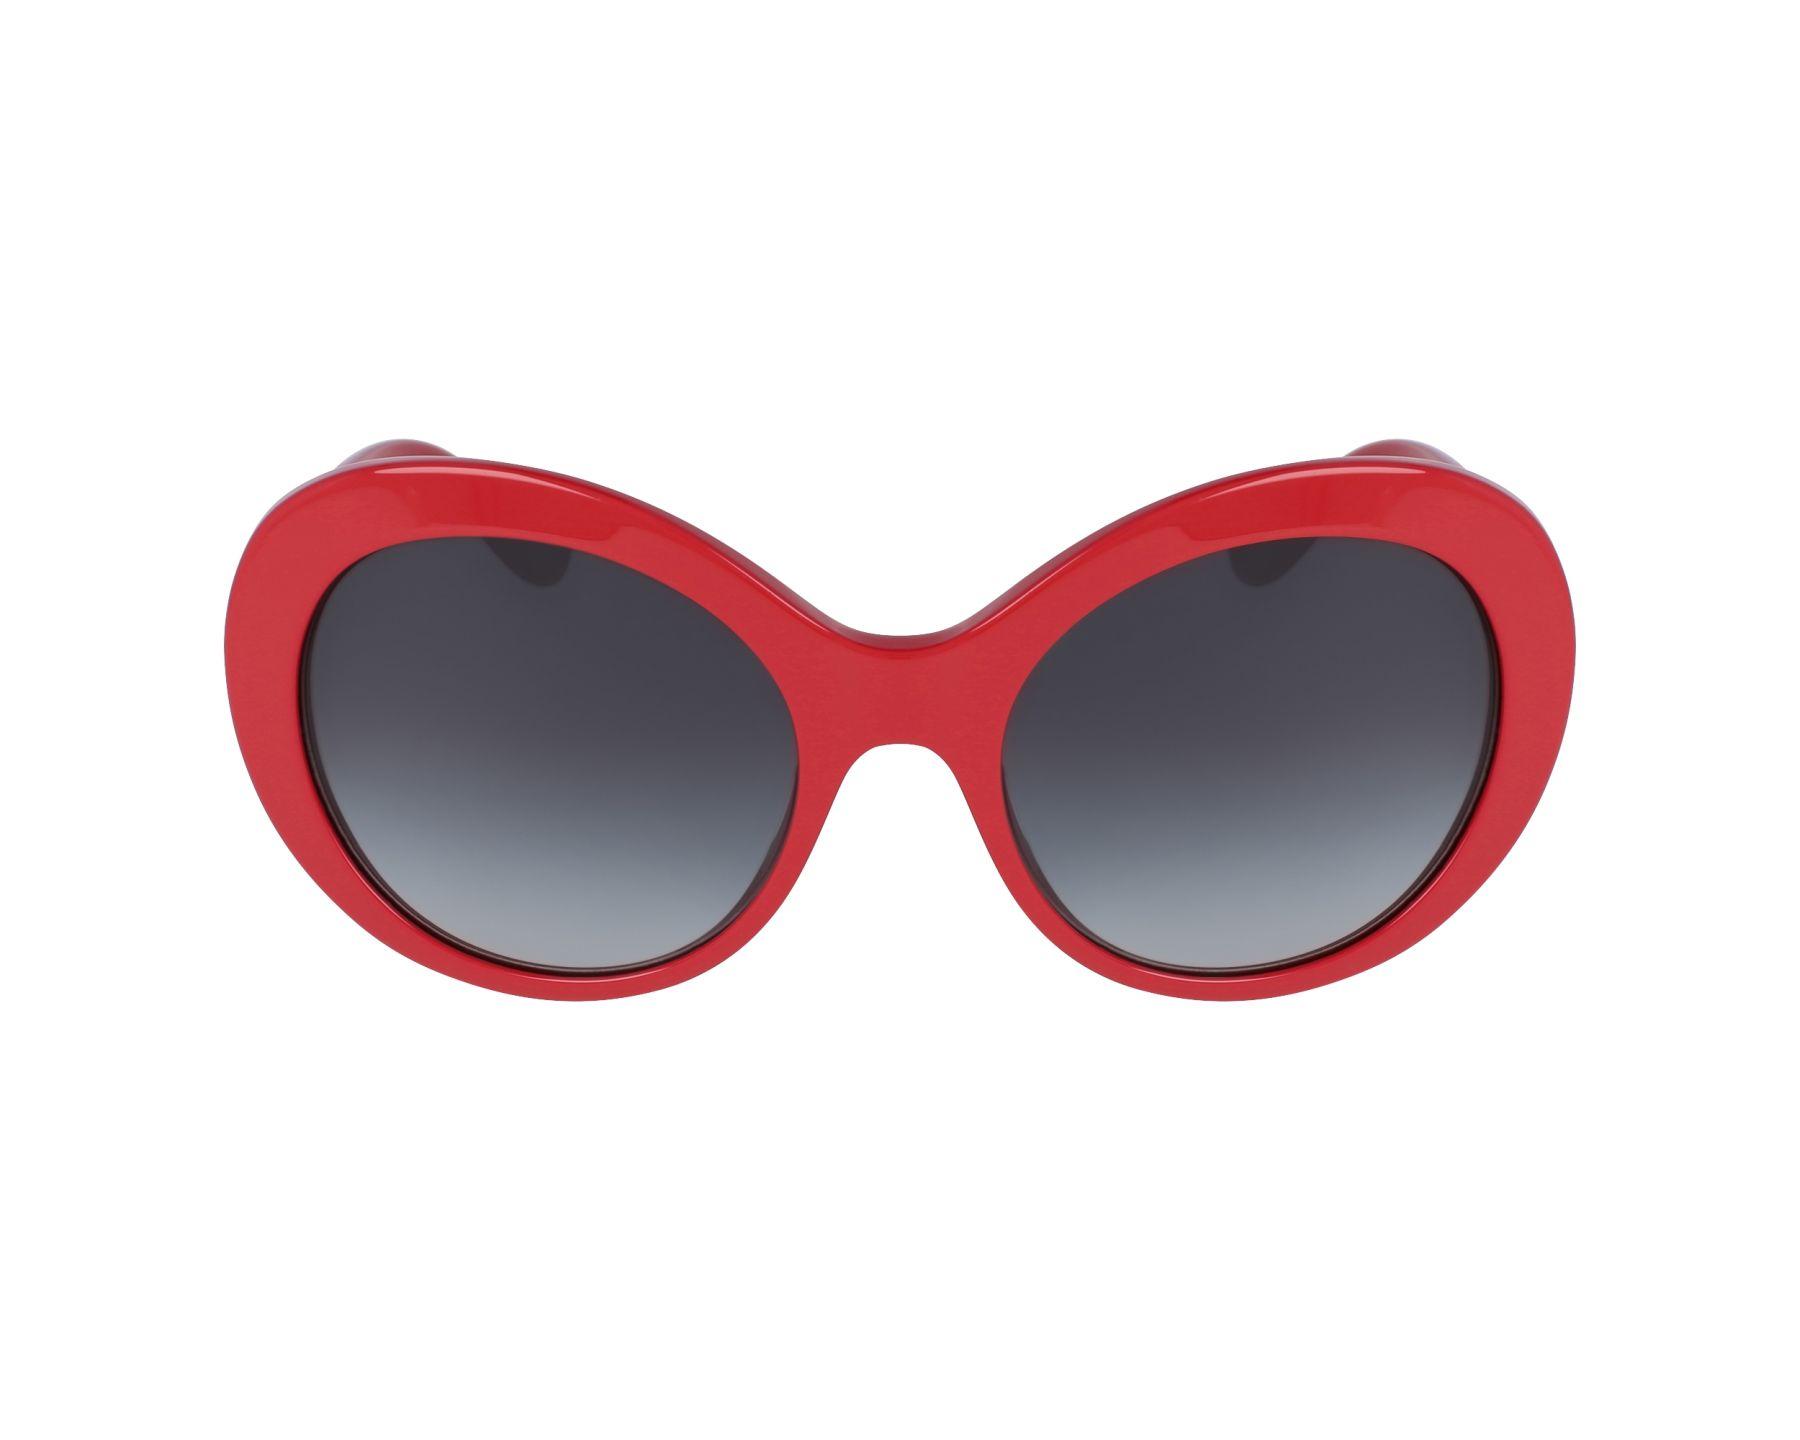 8e13549e74be Sunglasses Dolce & Gabbana DG-4295 3097/8G 57-20 Red profile view